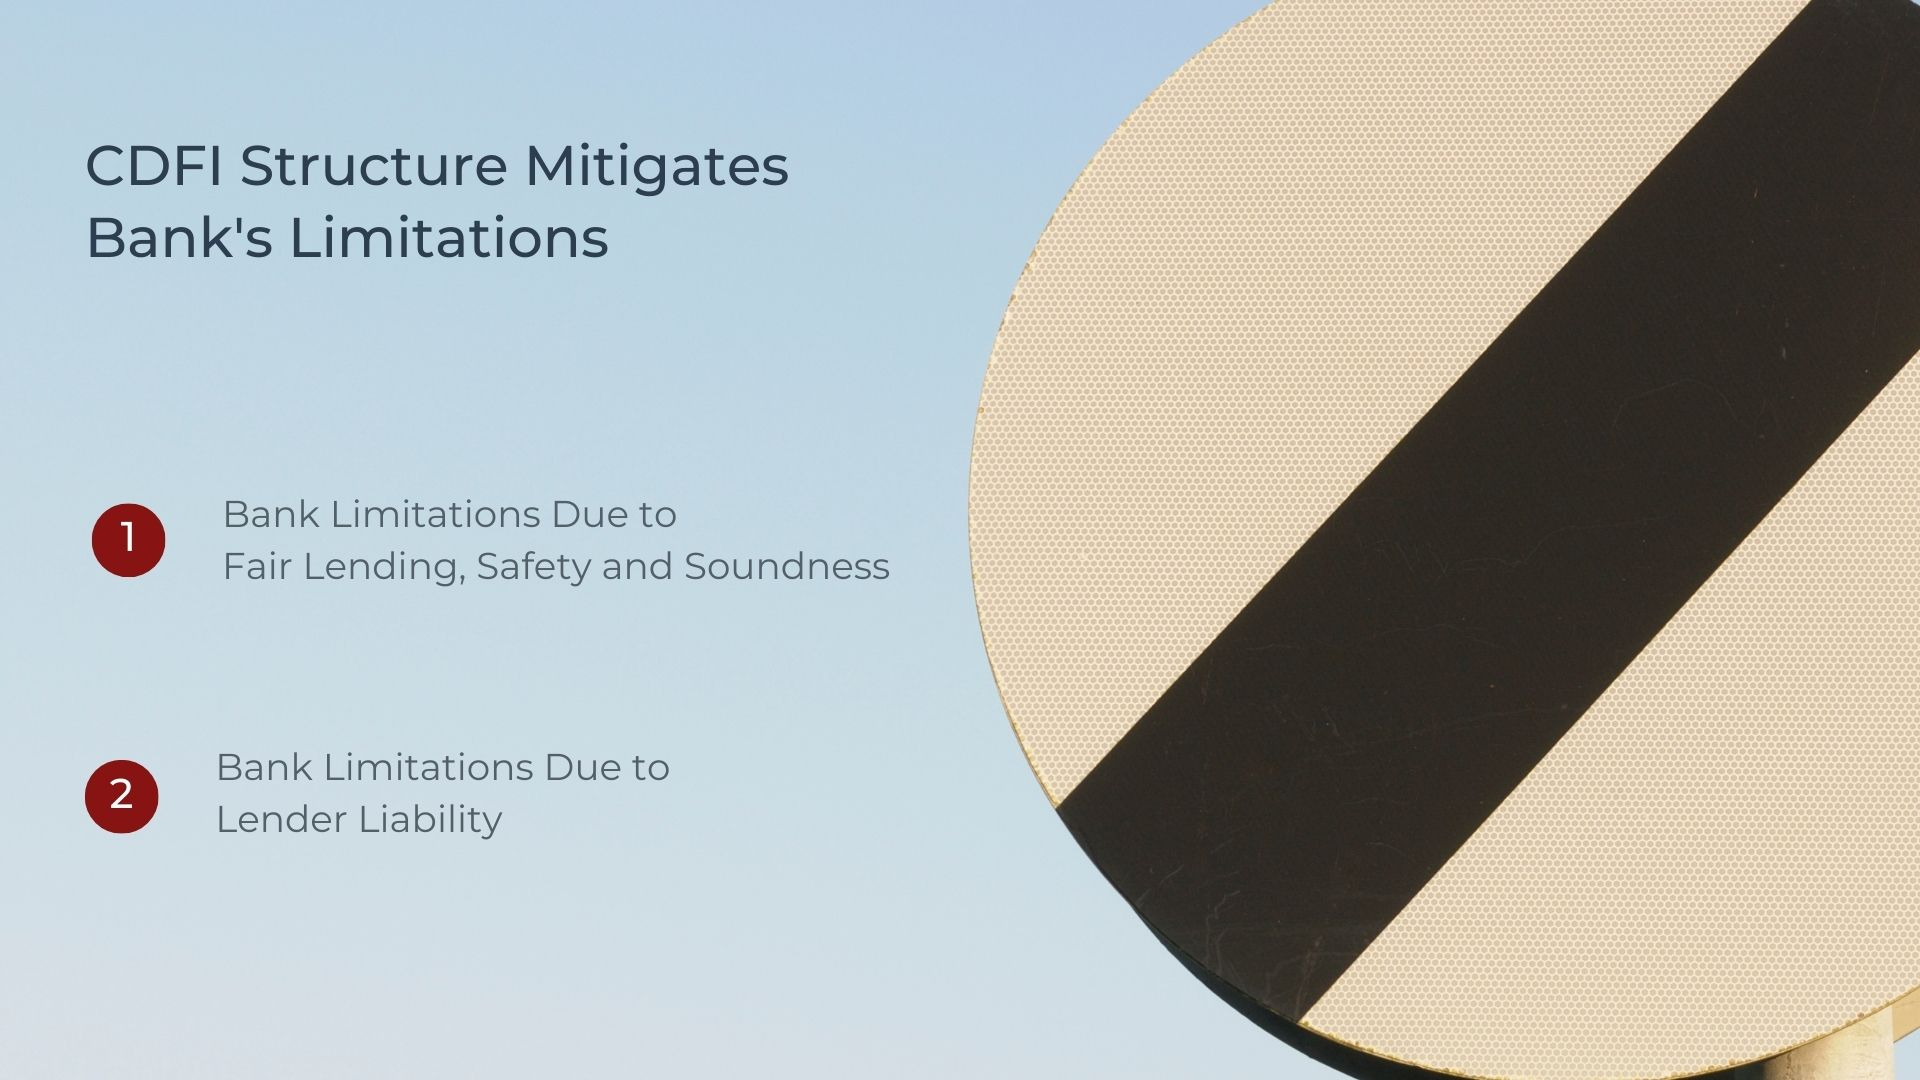 CDFIs Structure Mitigates Banks's Limitations